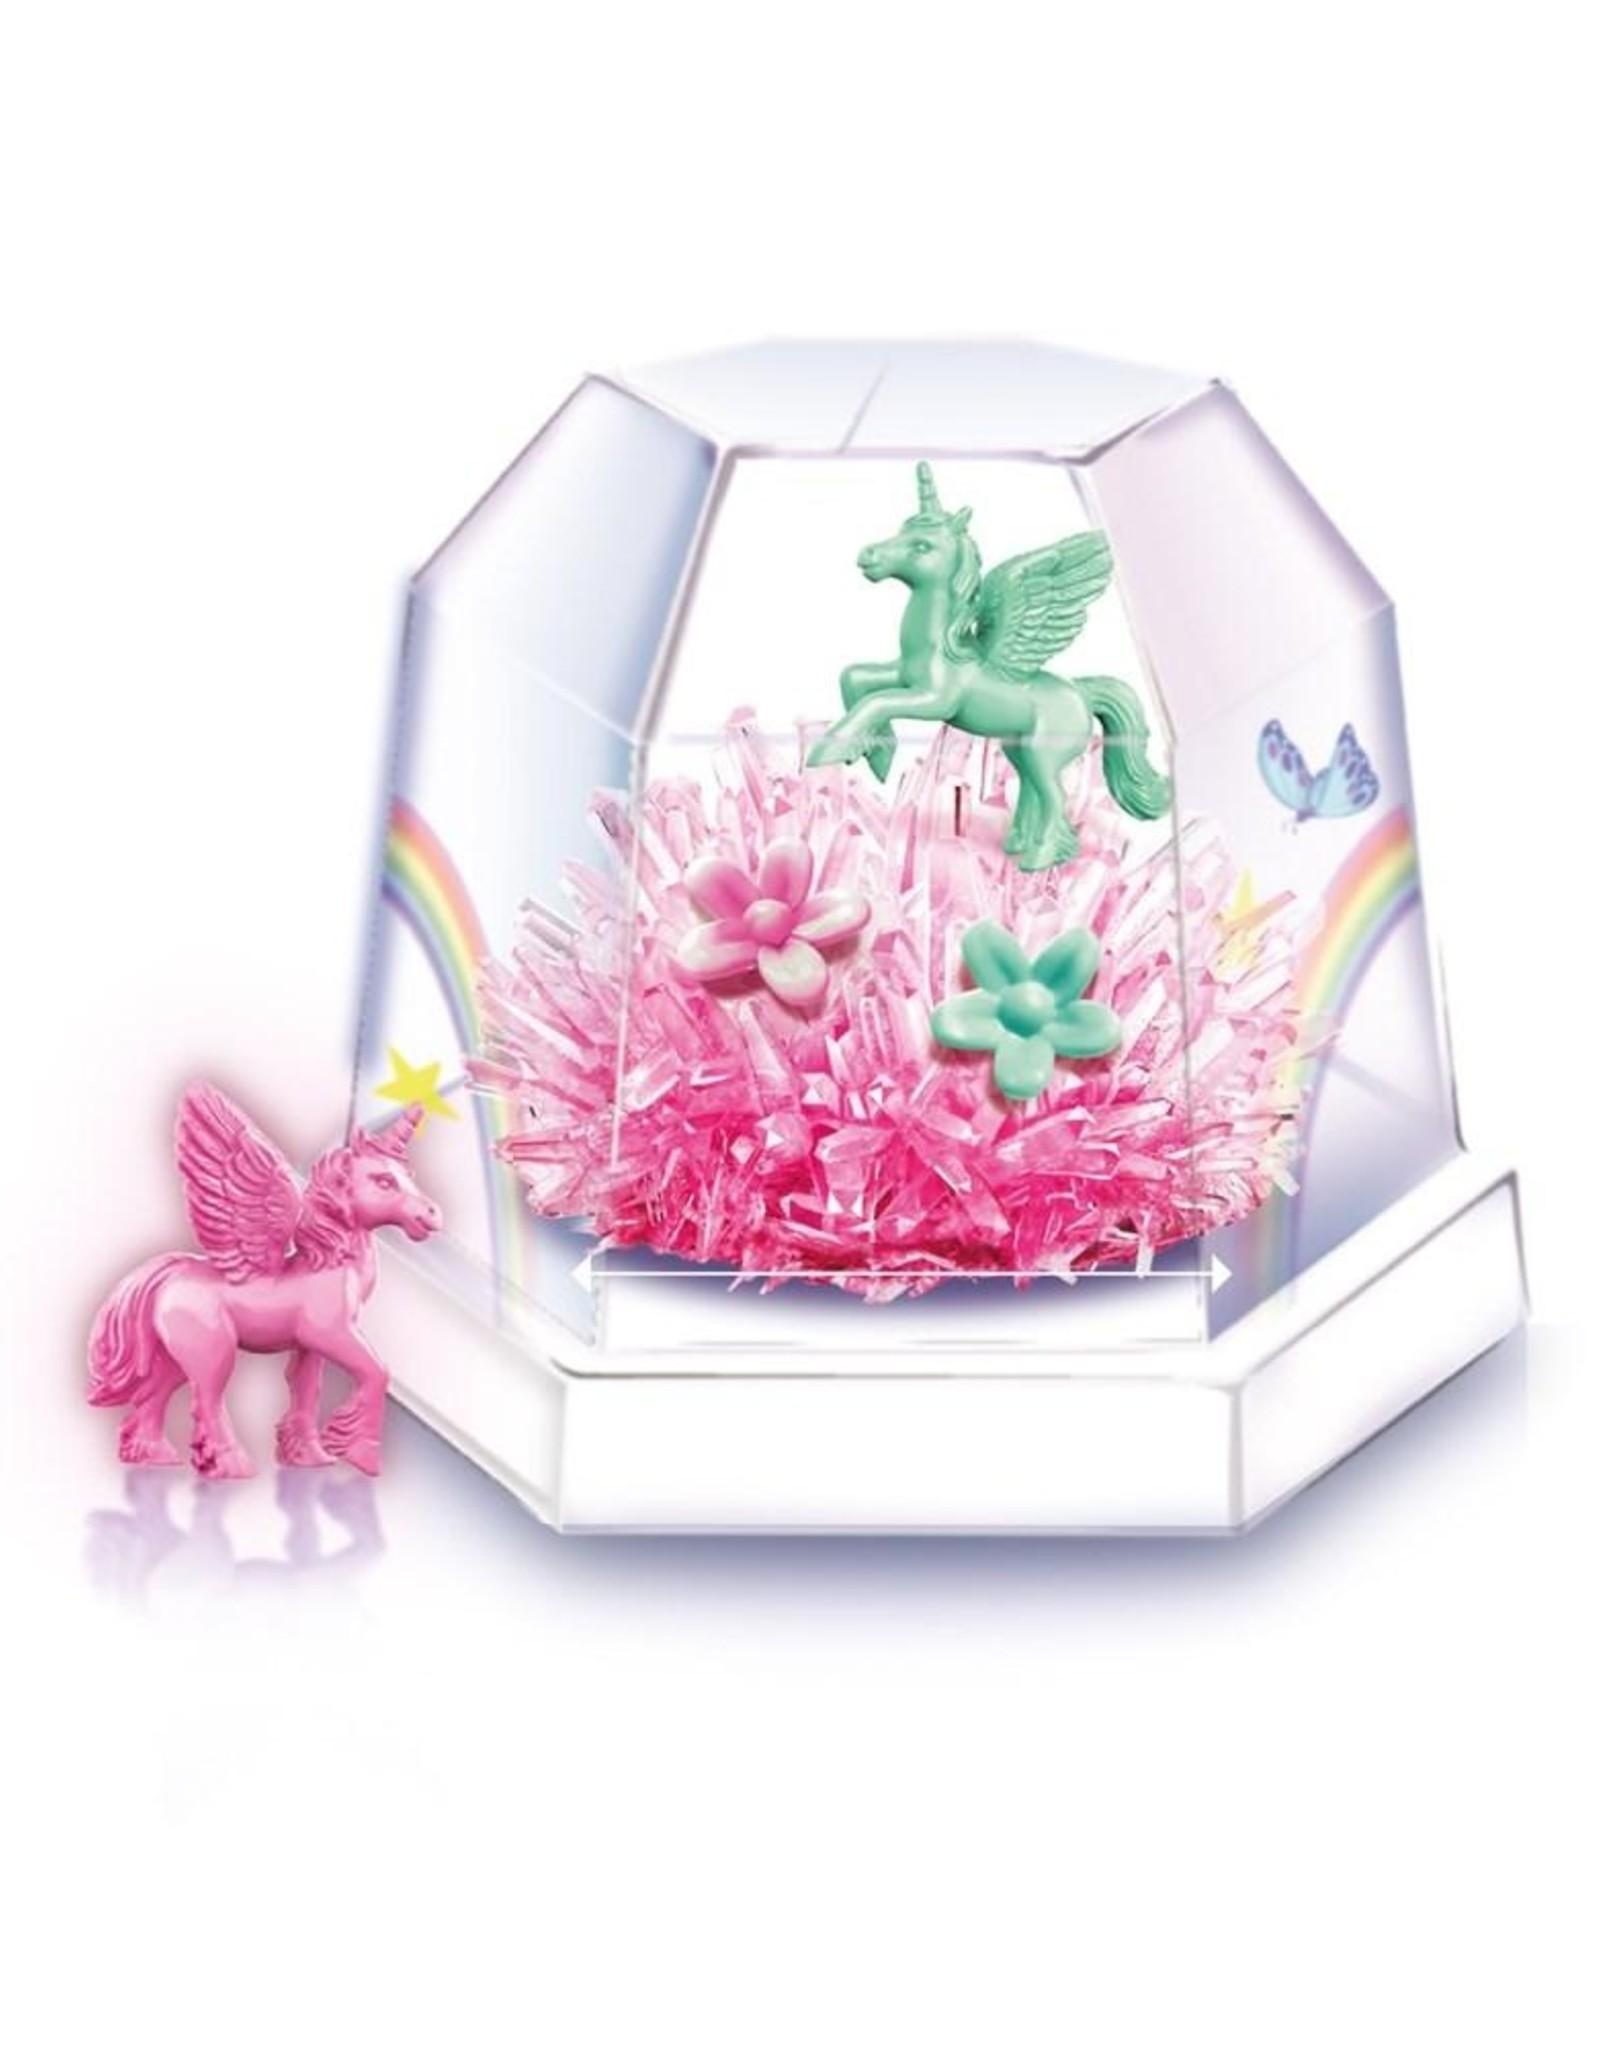 4M 4M - Unicorn Crystal Terrarium